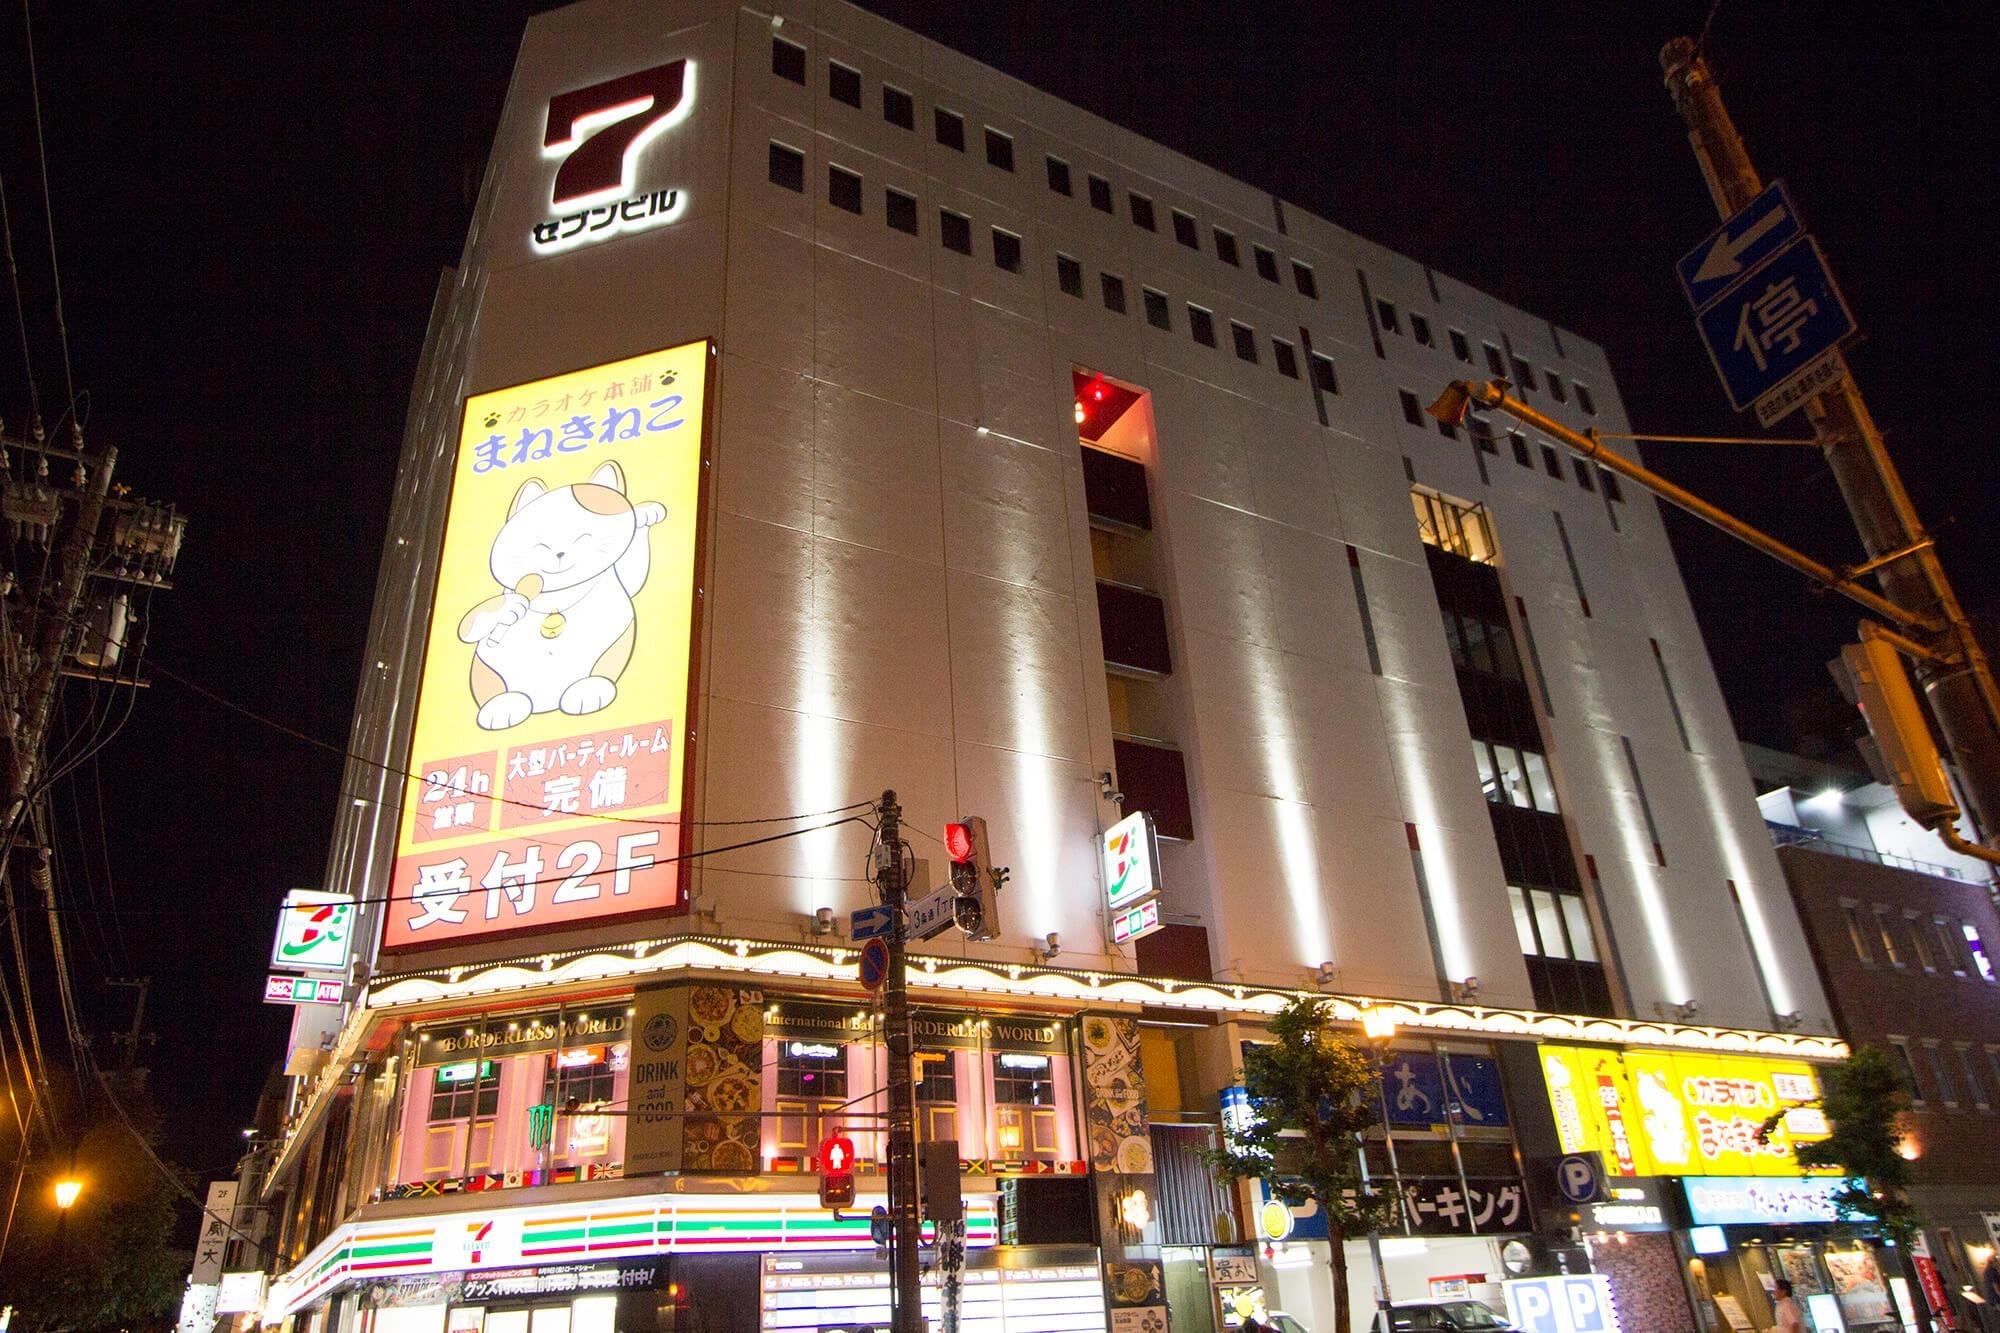 11【Go to Asahikawa】旭川駅近MAX8 FreeWi-Fi 繫華 36街 コンビニ